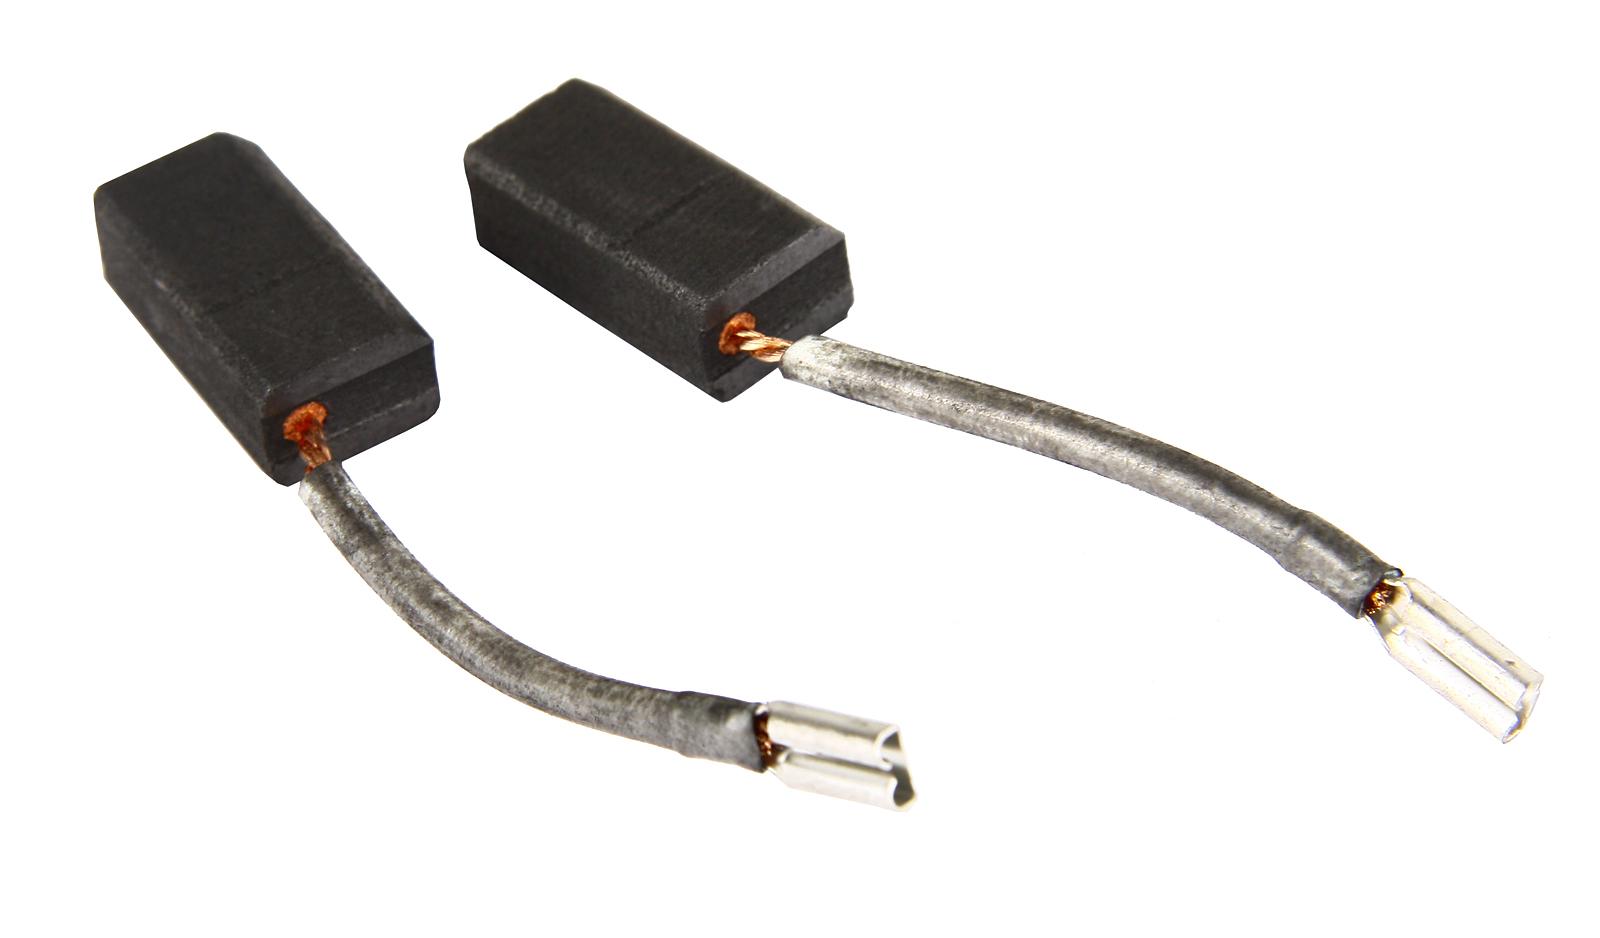 цена на Щётка Hitachi 999088 / Угольные щетки (1 пара)